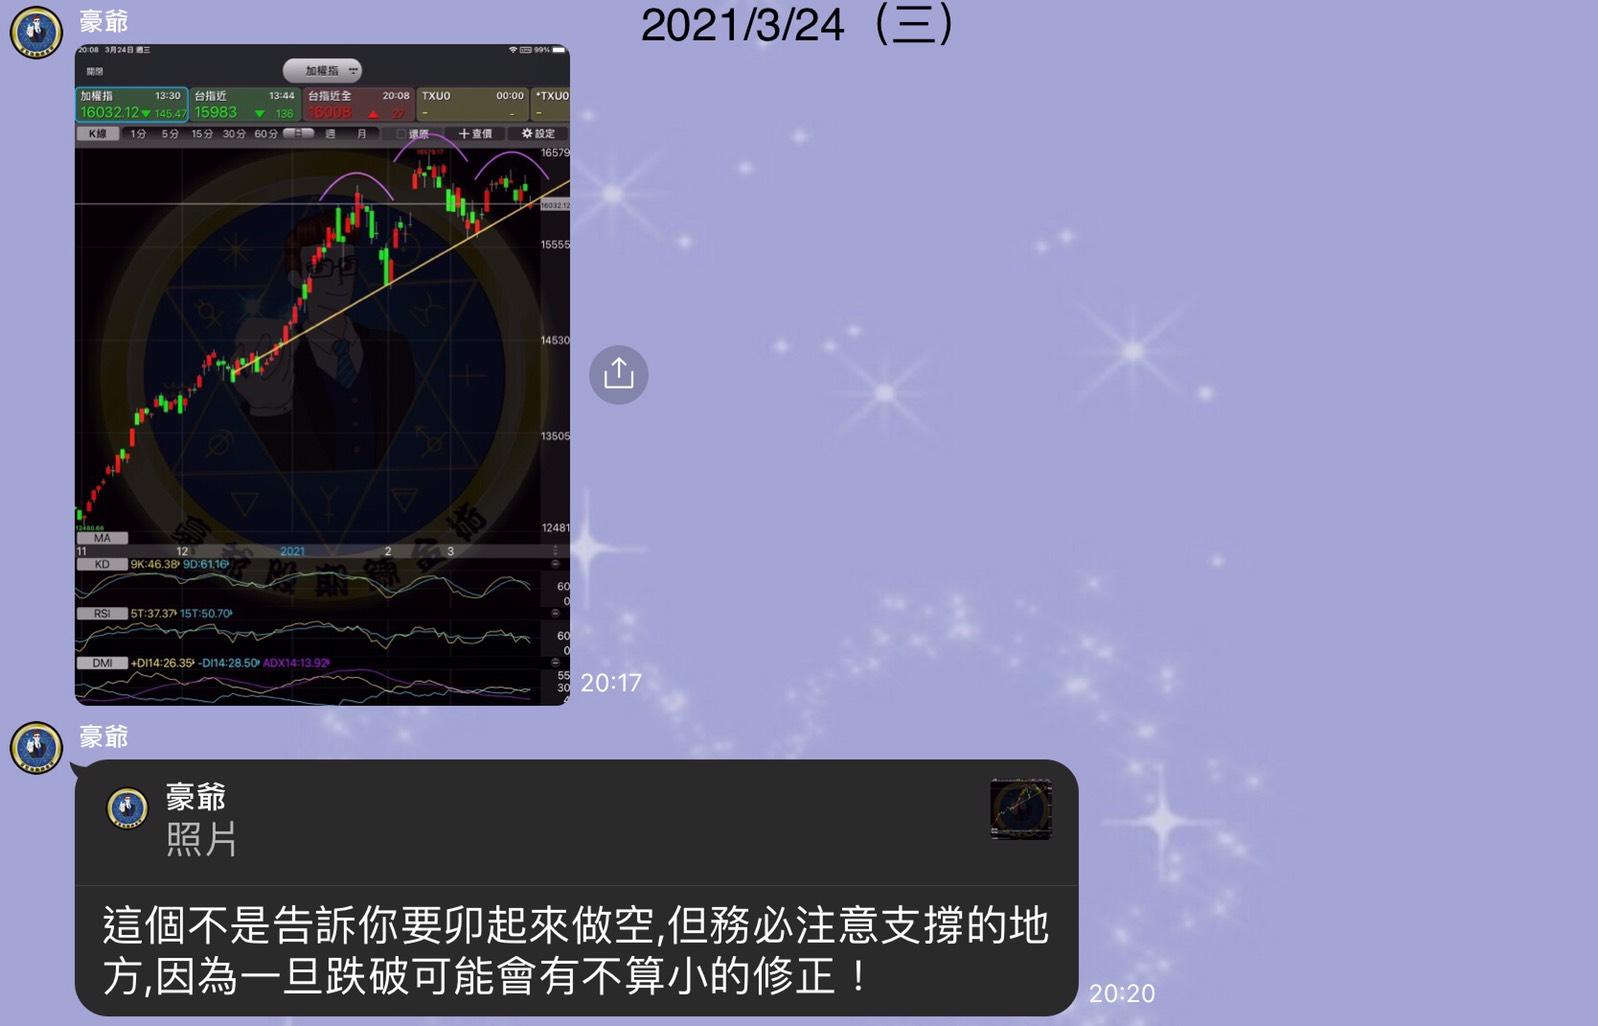 2021/03/29 豪爺週報_04